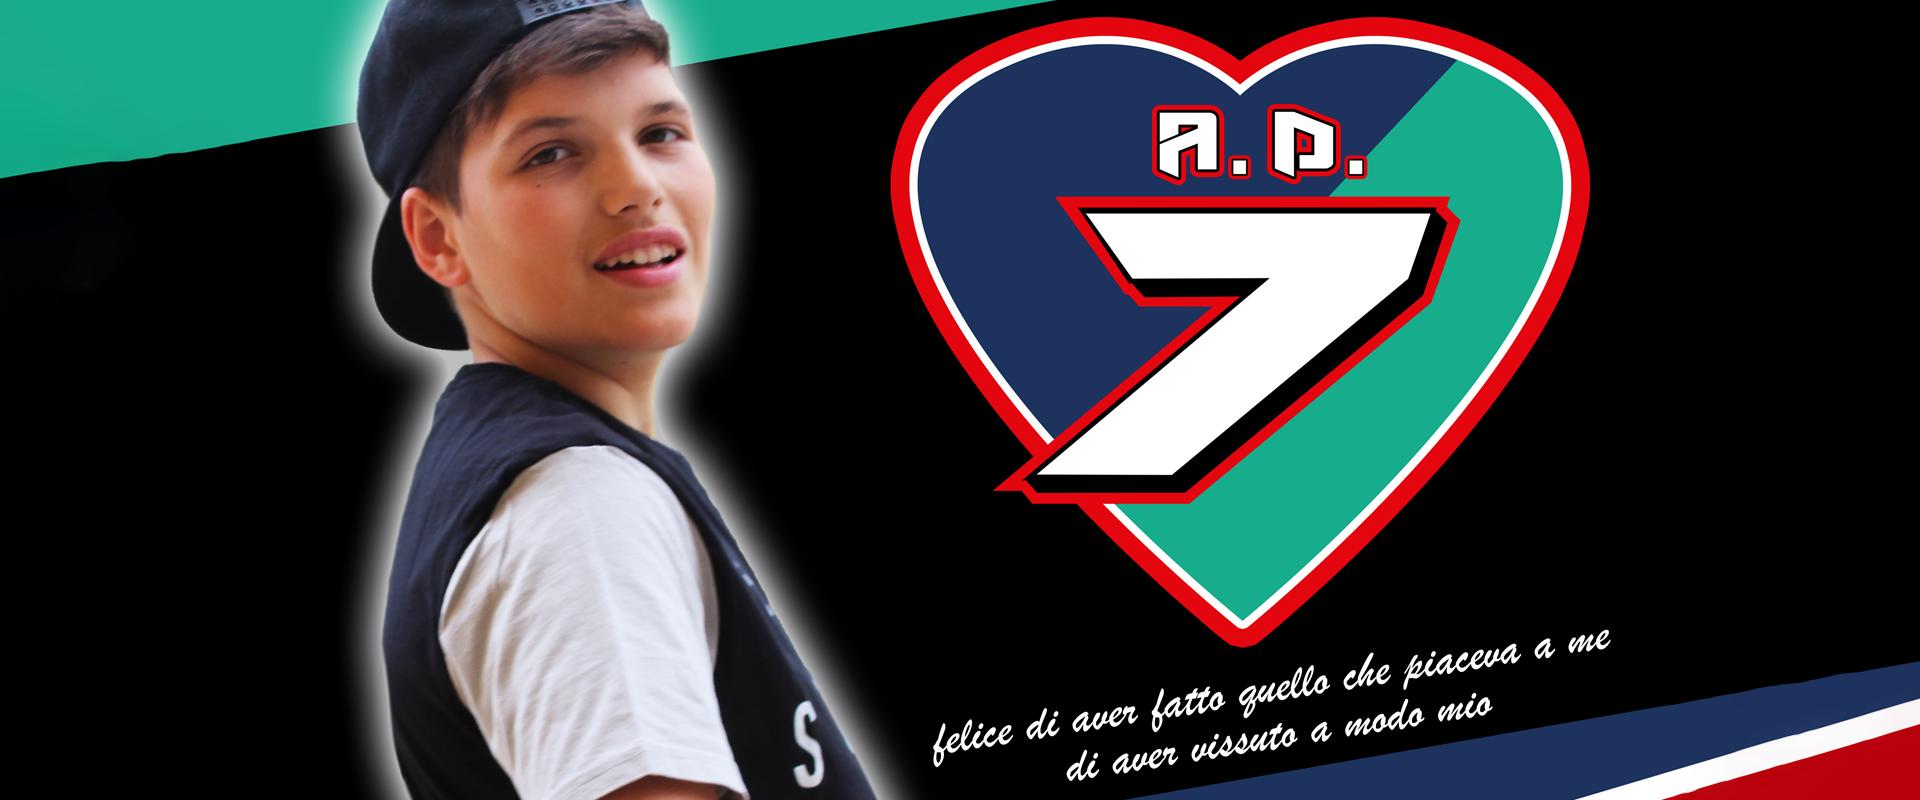 Andrea Dini